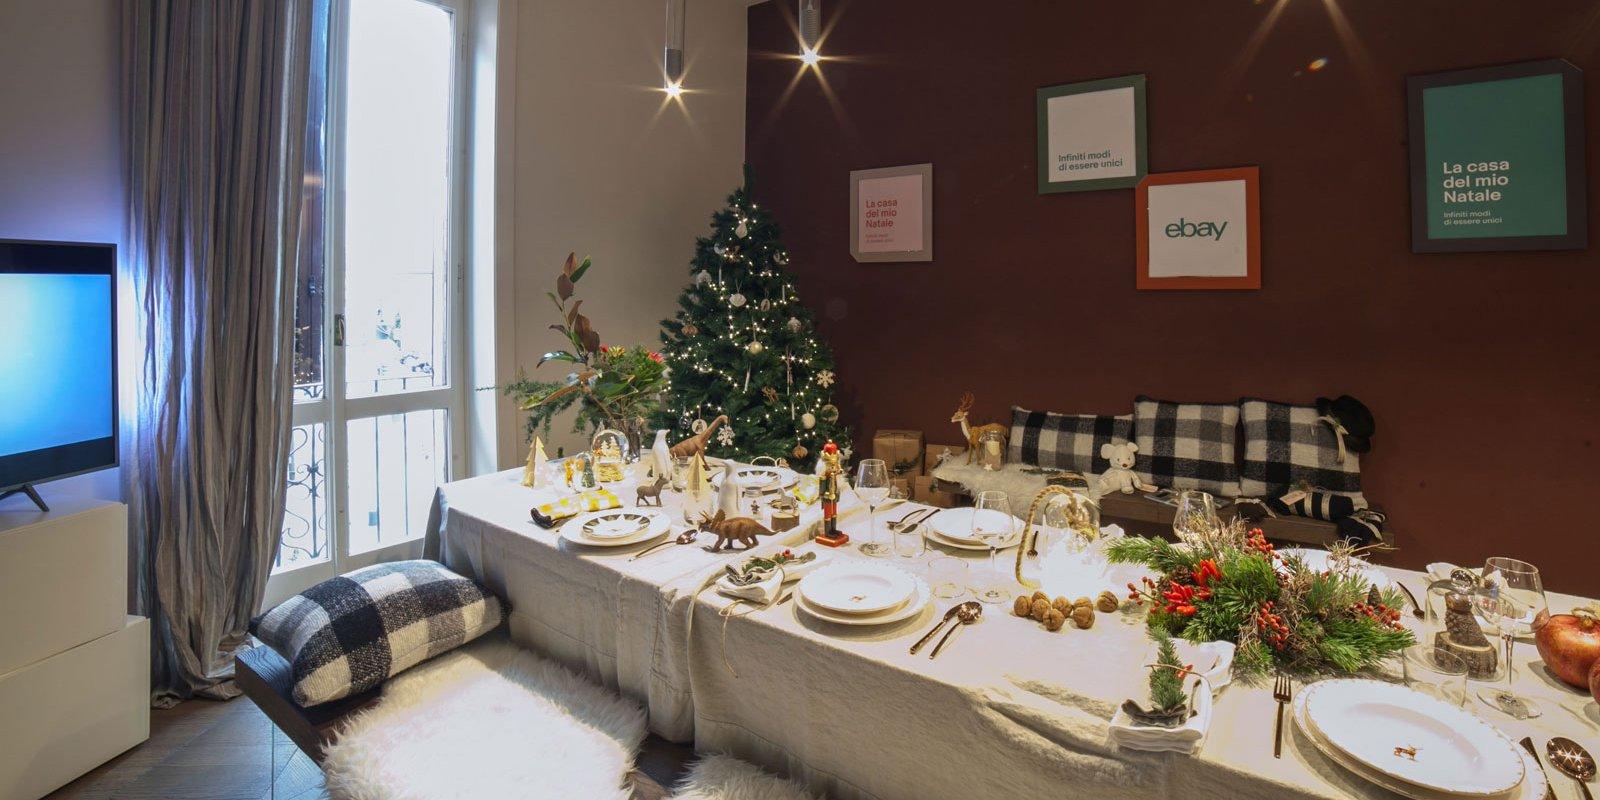 Regali Più Desiderati Per Natale Cose Di Casa #2975A2 1600 800 Sala Da Pranzo Stile Veneziano Usata